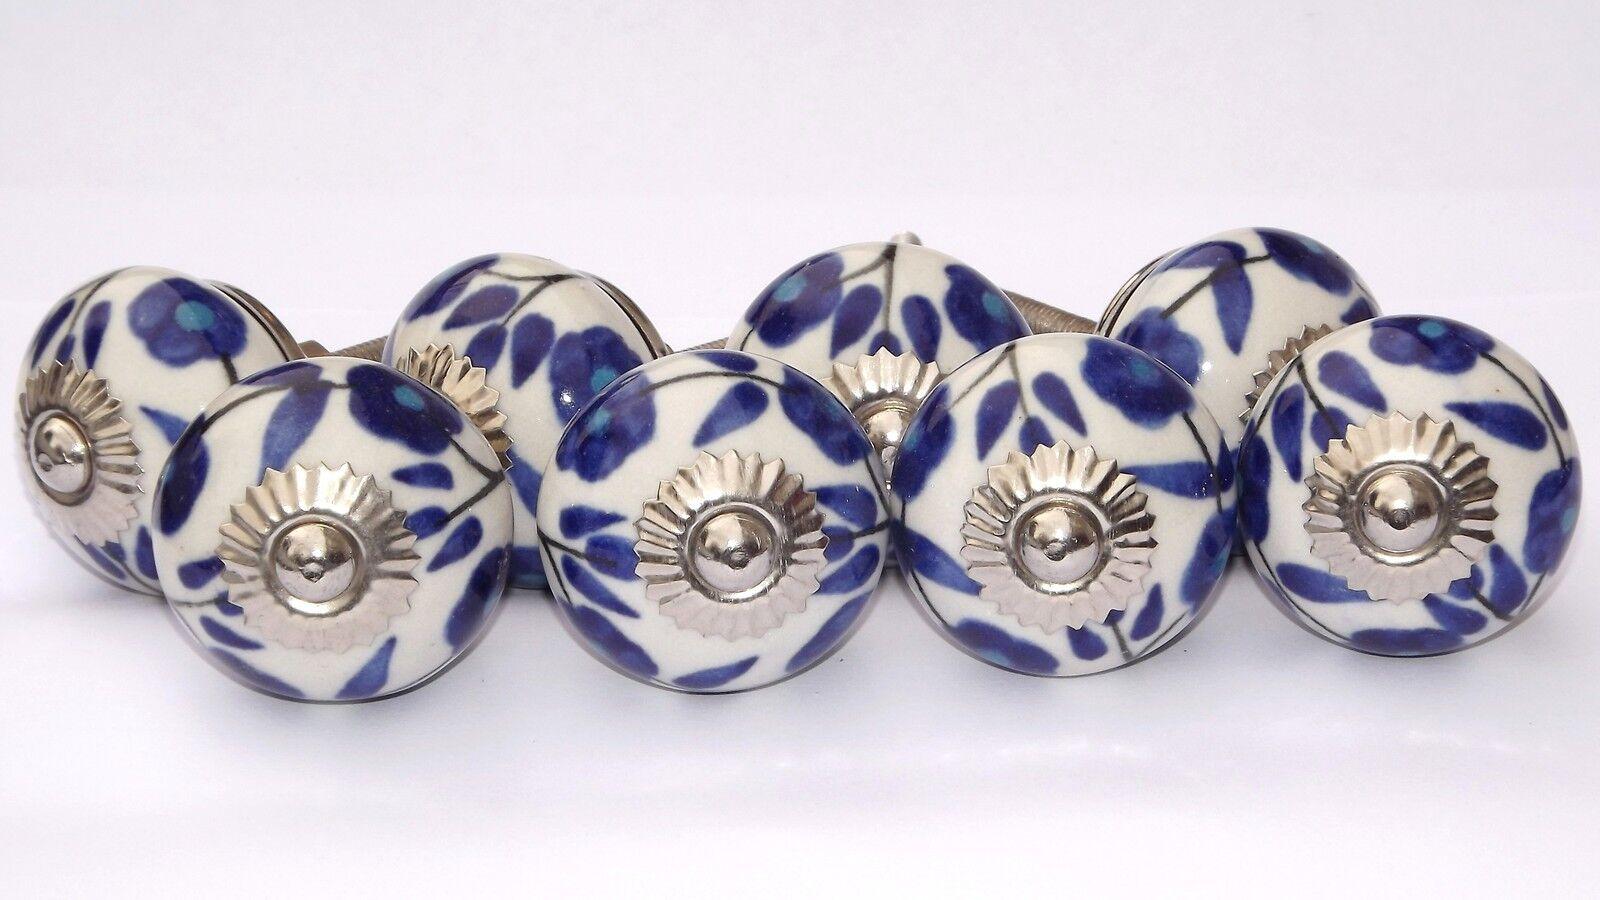 Keramik zieht der Knöpfe Knöpfe Knöpfe weiß rund mit Licht & dunkelblau Blaumen (chrom) x 8 | Exquisite (mittlere) Verarbeitung  68bfda